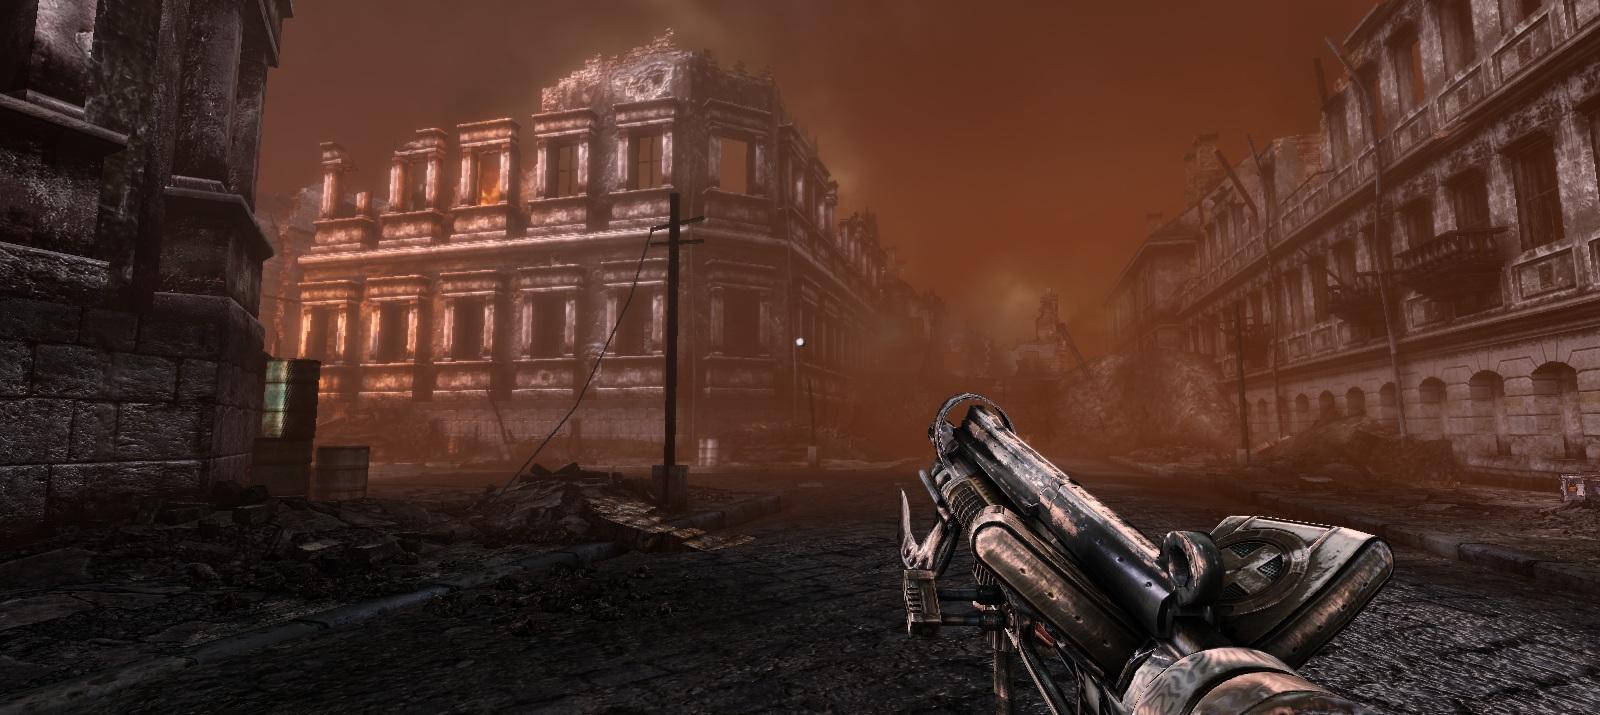 4. Stalingrad